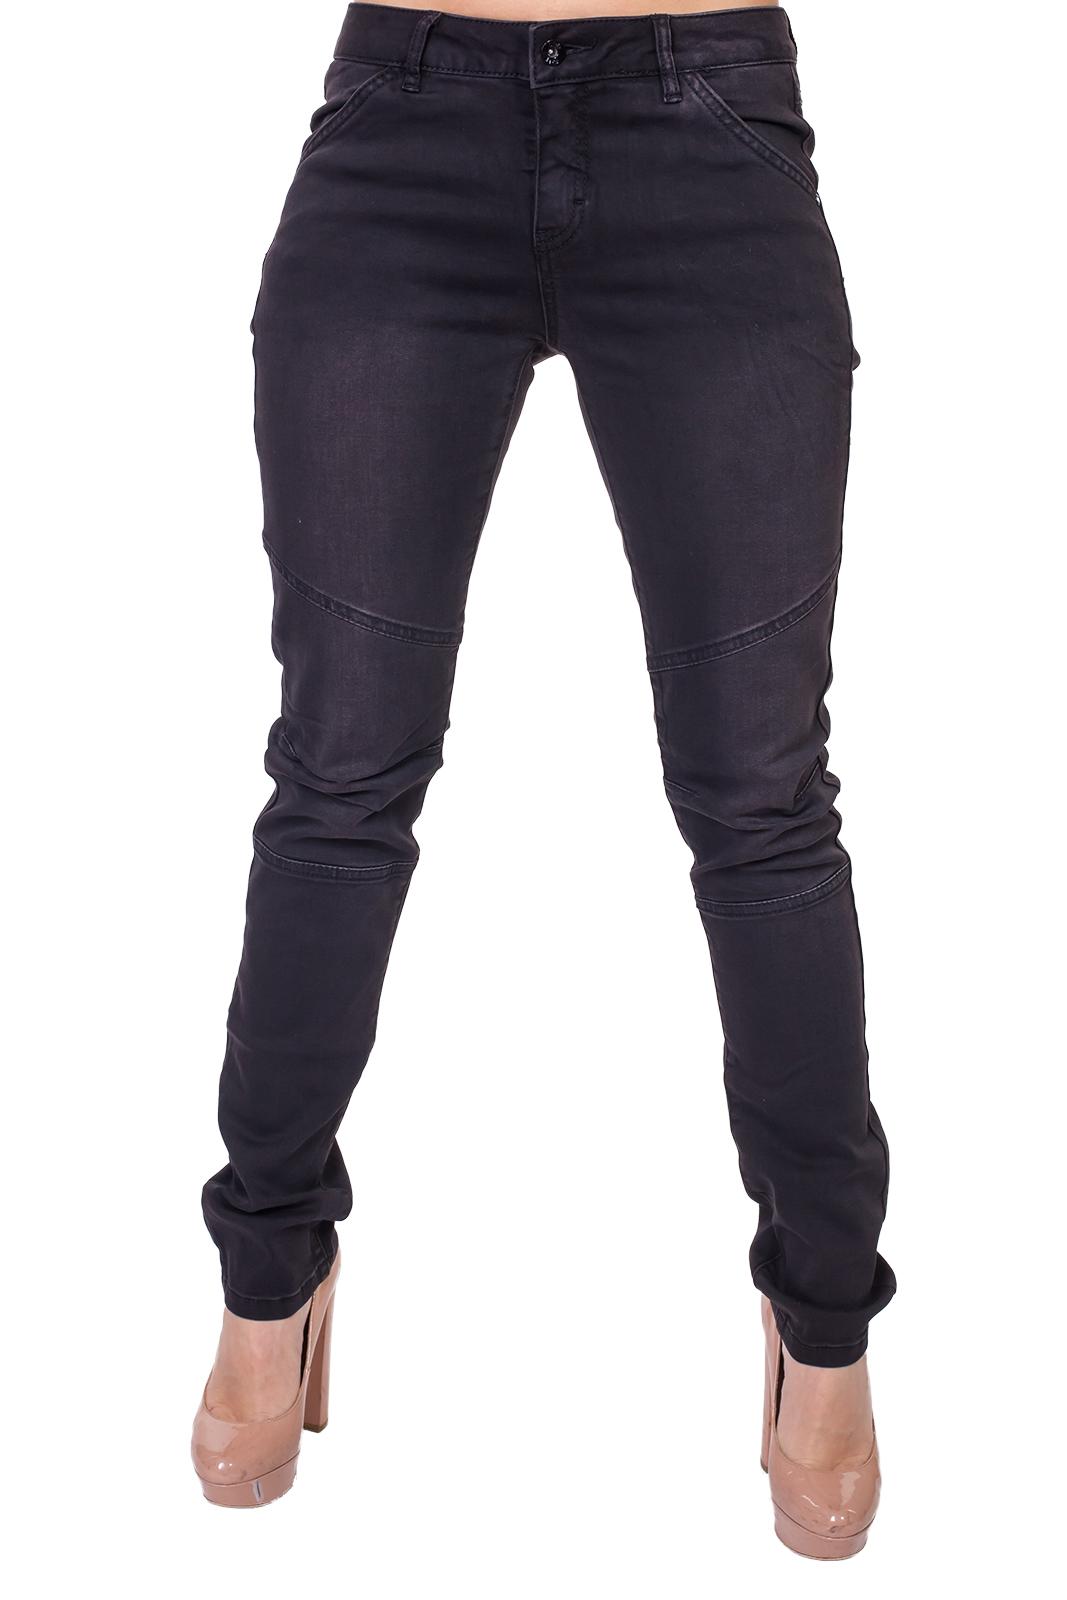 Купить прямые женские джинсы Lpb в каталоге Военпро